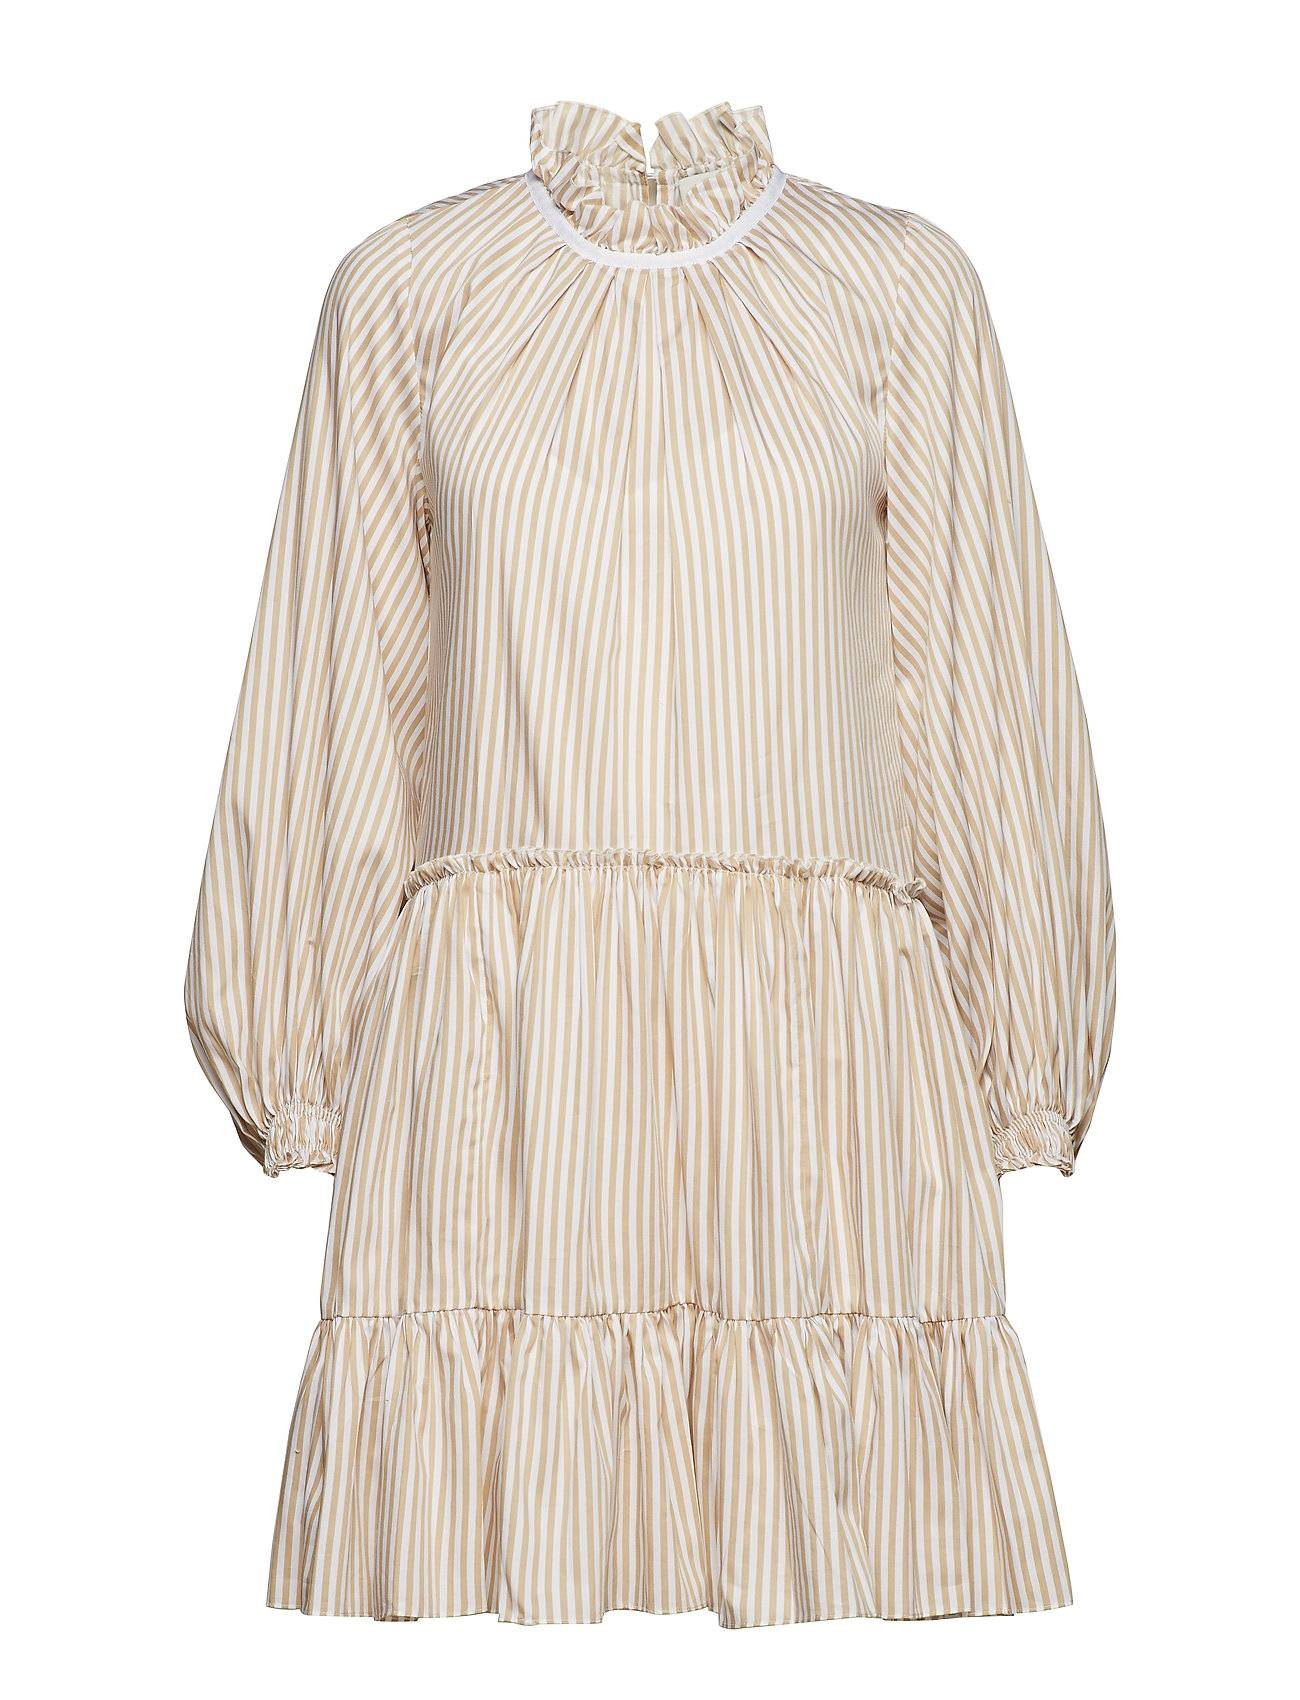 3.1 Phillip Lim Ls Striped Aline Mini Dress